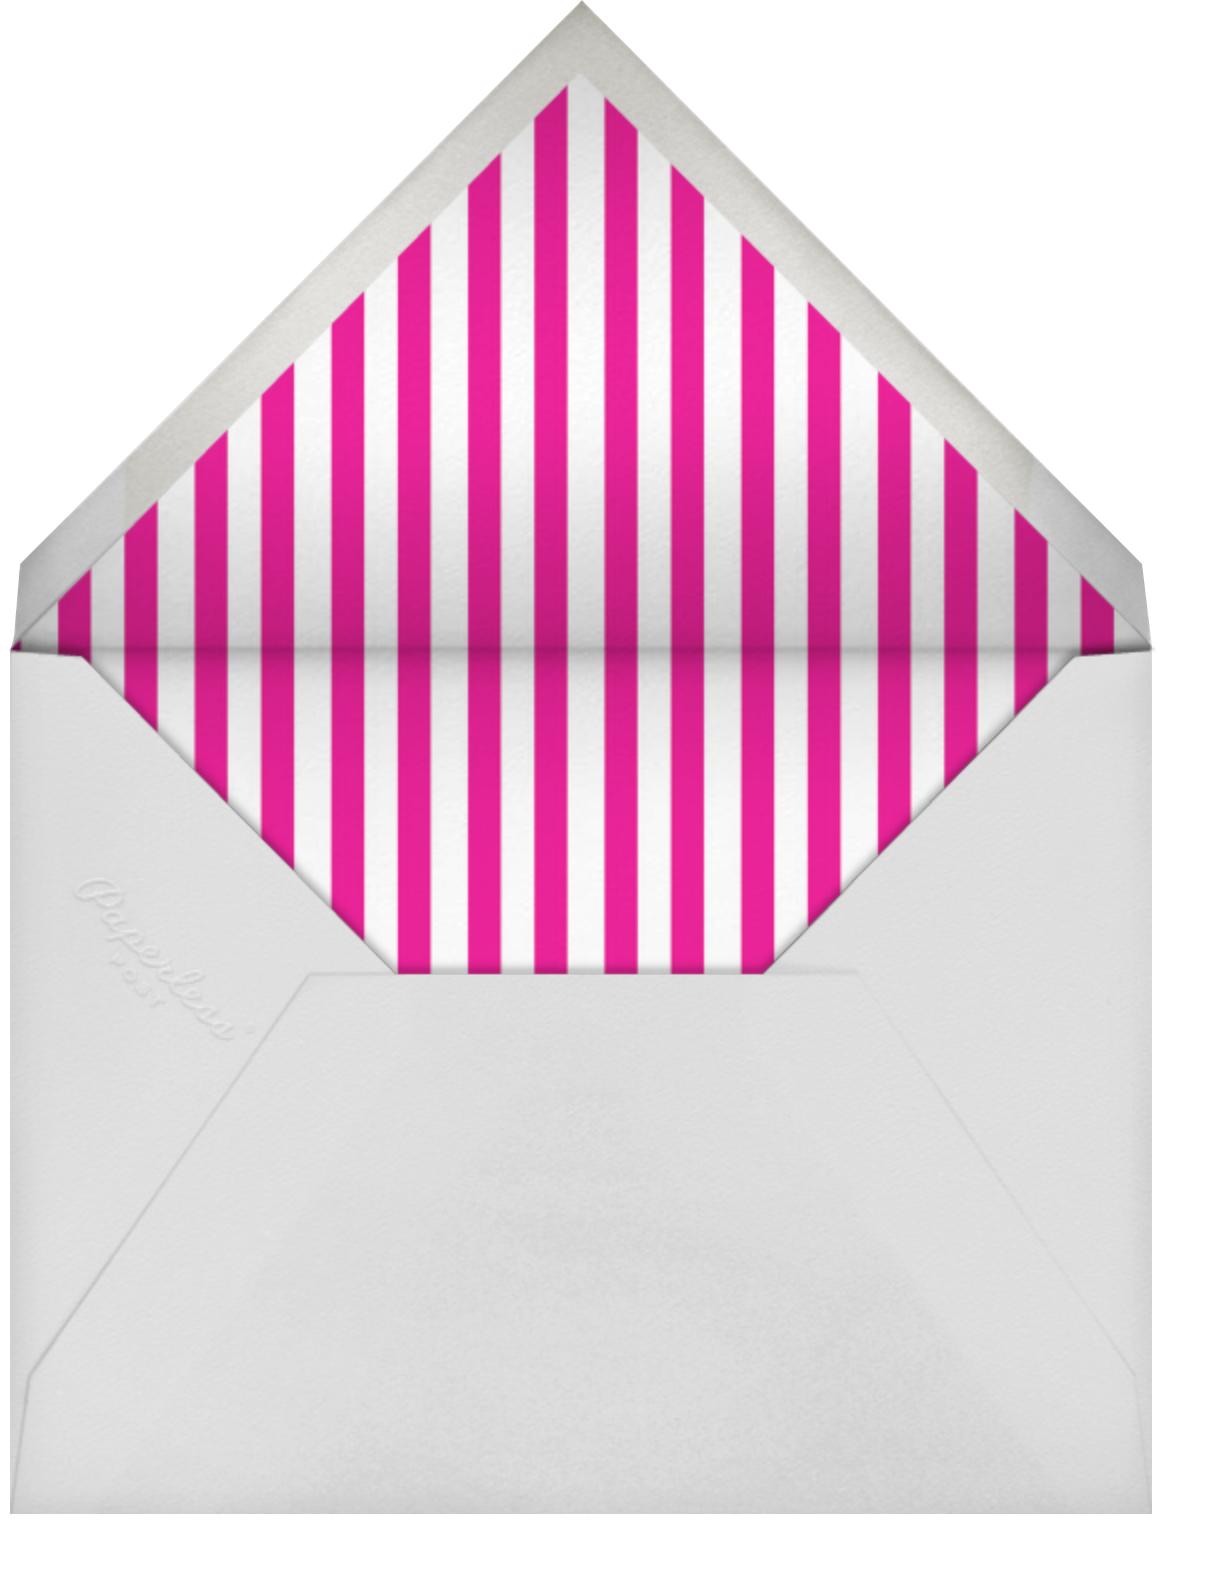 Pineapple Cake - Green/Light - Mr. Boddington's Studio - Kids' birthday - envelope back